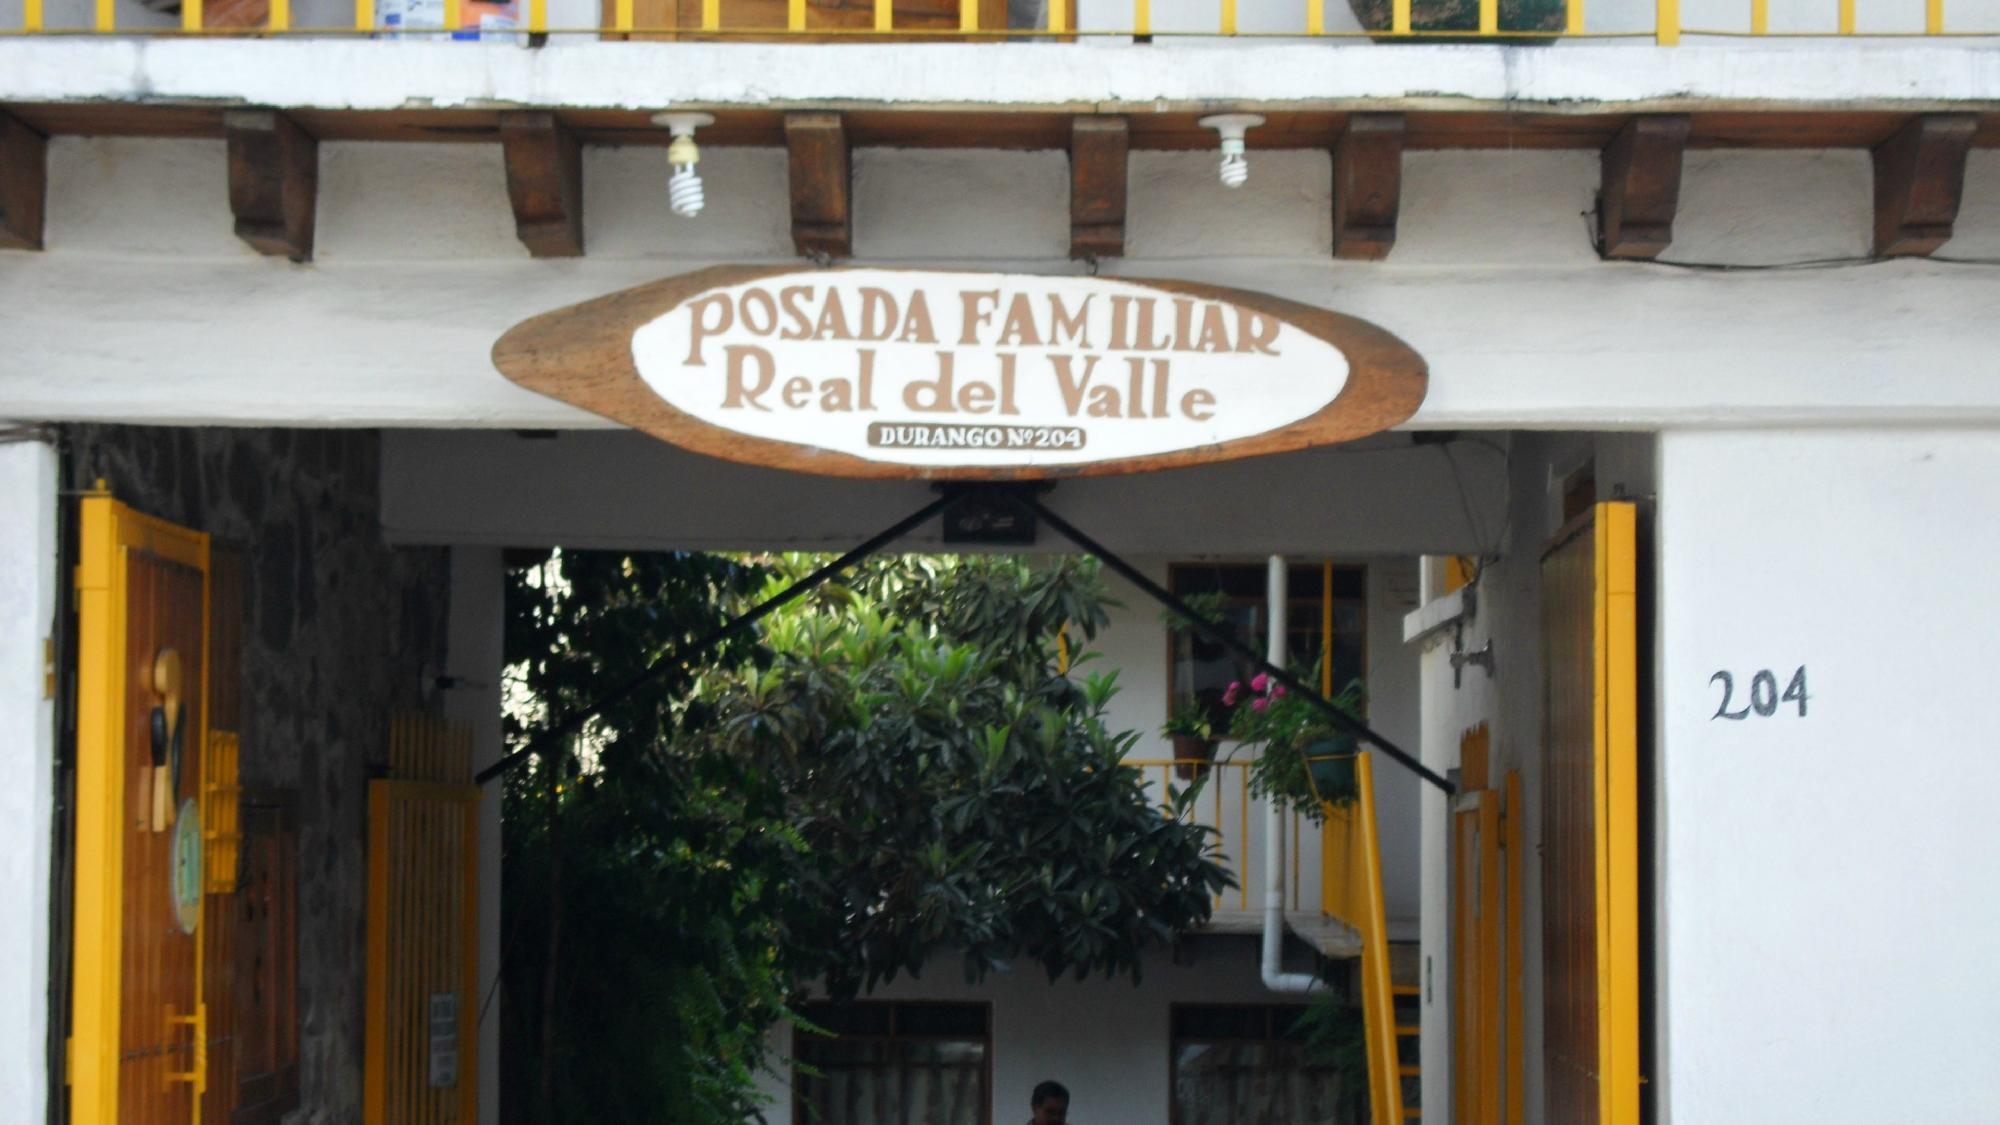 Posada Real del Valle